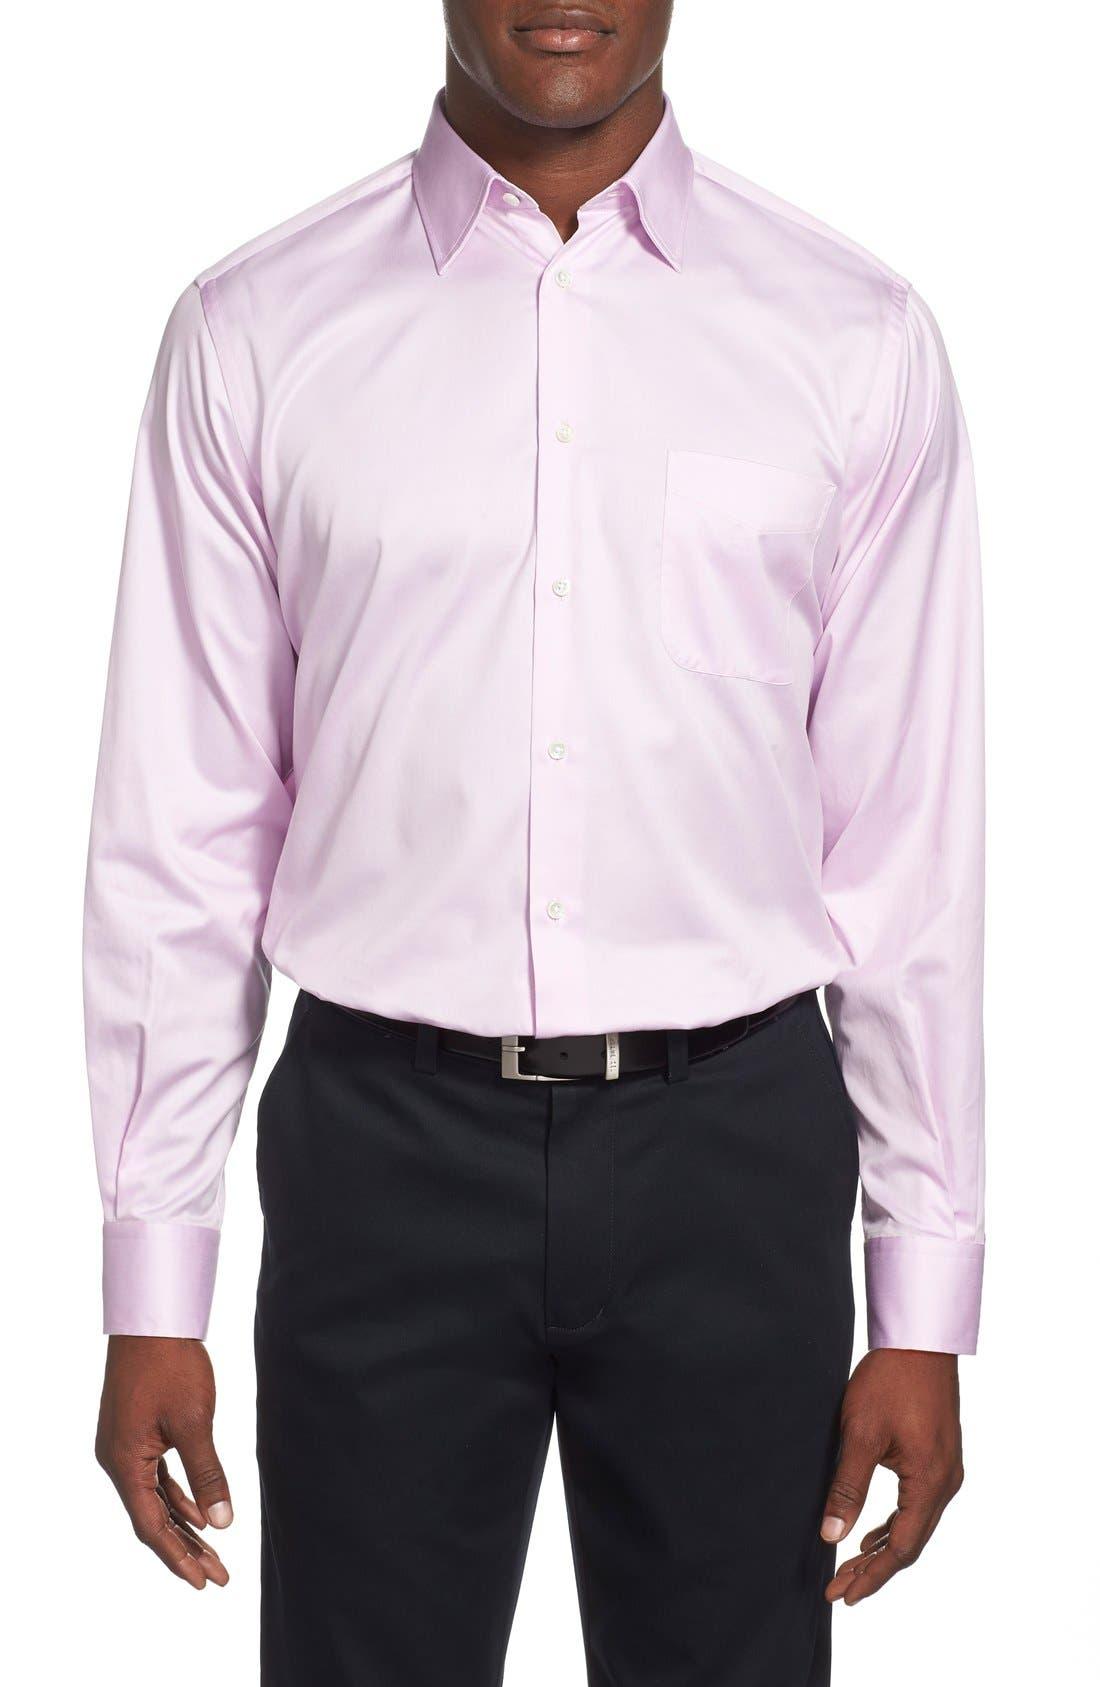 Alternate Image 2  - Ike Behar Regular Fit Solid Dress Shirt (Online Only)